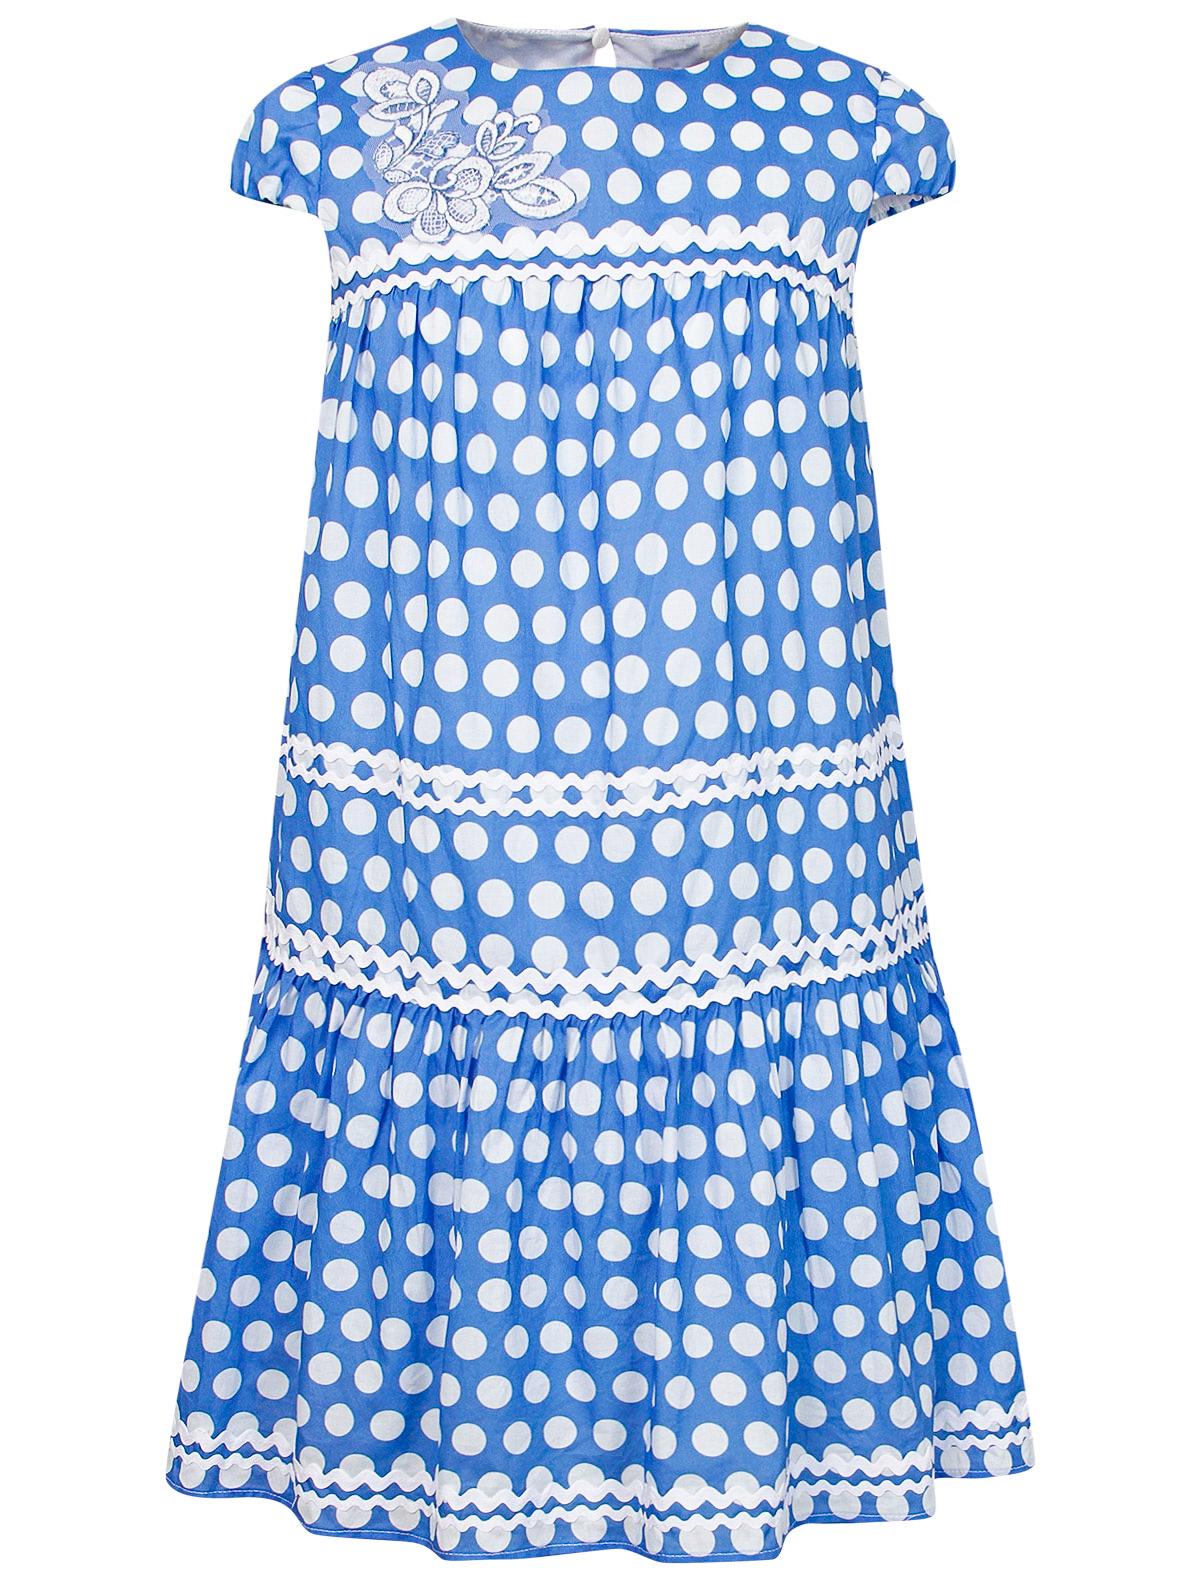 Купить 2198135, Платье Ermanno Scervino, голубой, Женский, 1054509078427